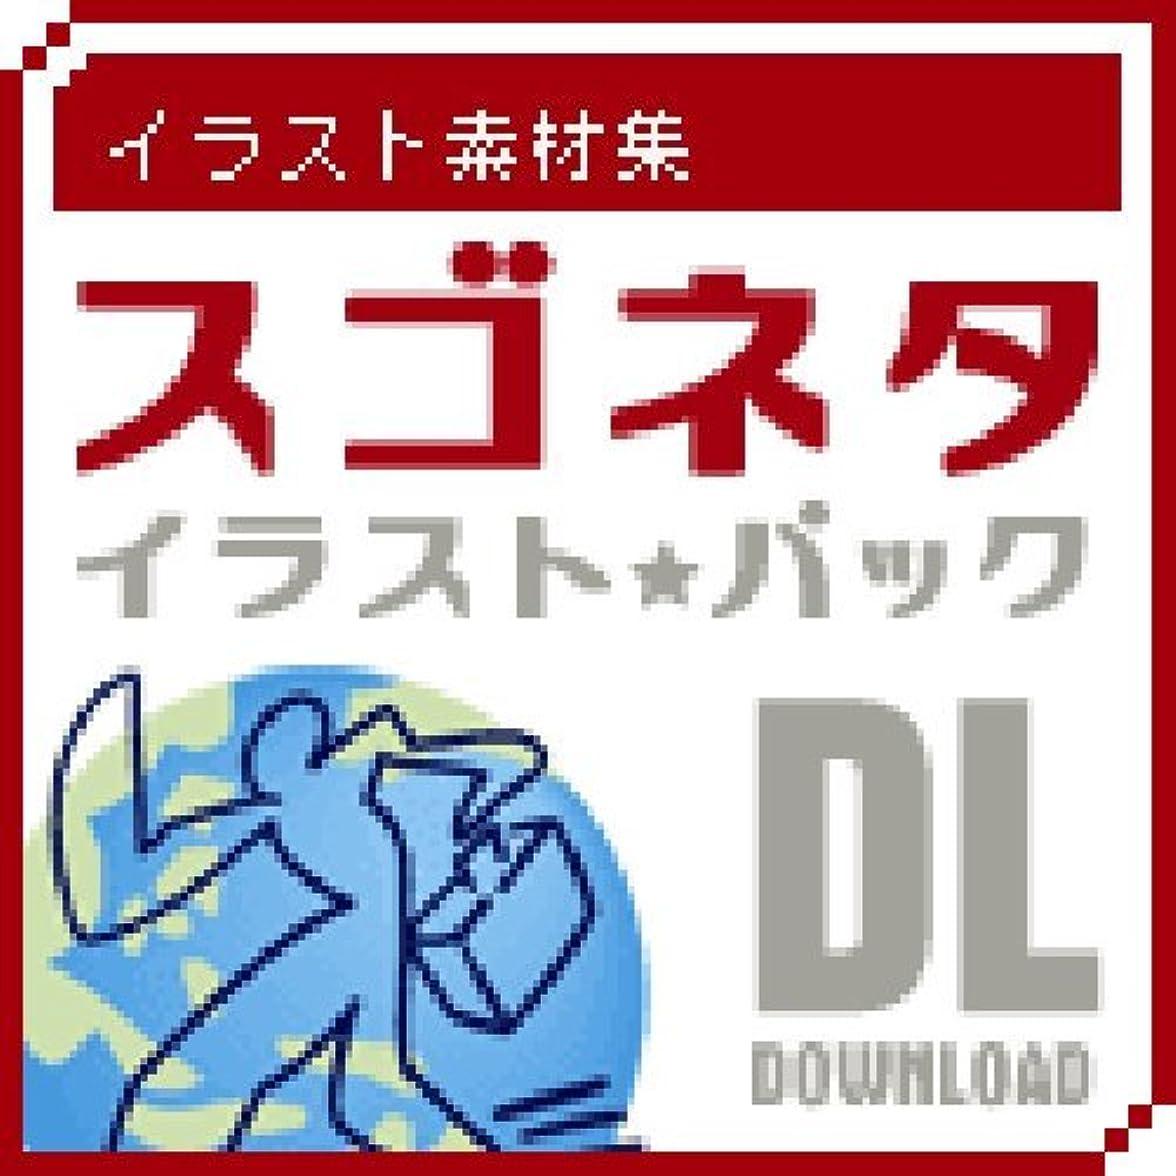 公然とヘロインスプーンイラスト素材集 スゴネタイラストパック ITイメージ DL [ダウンロード]